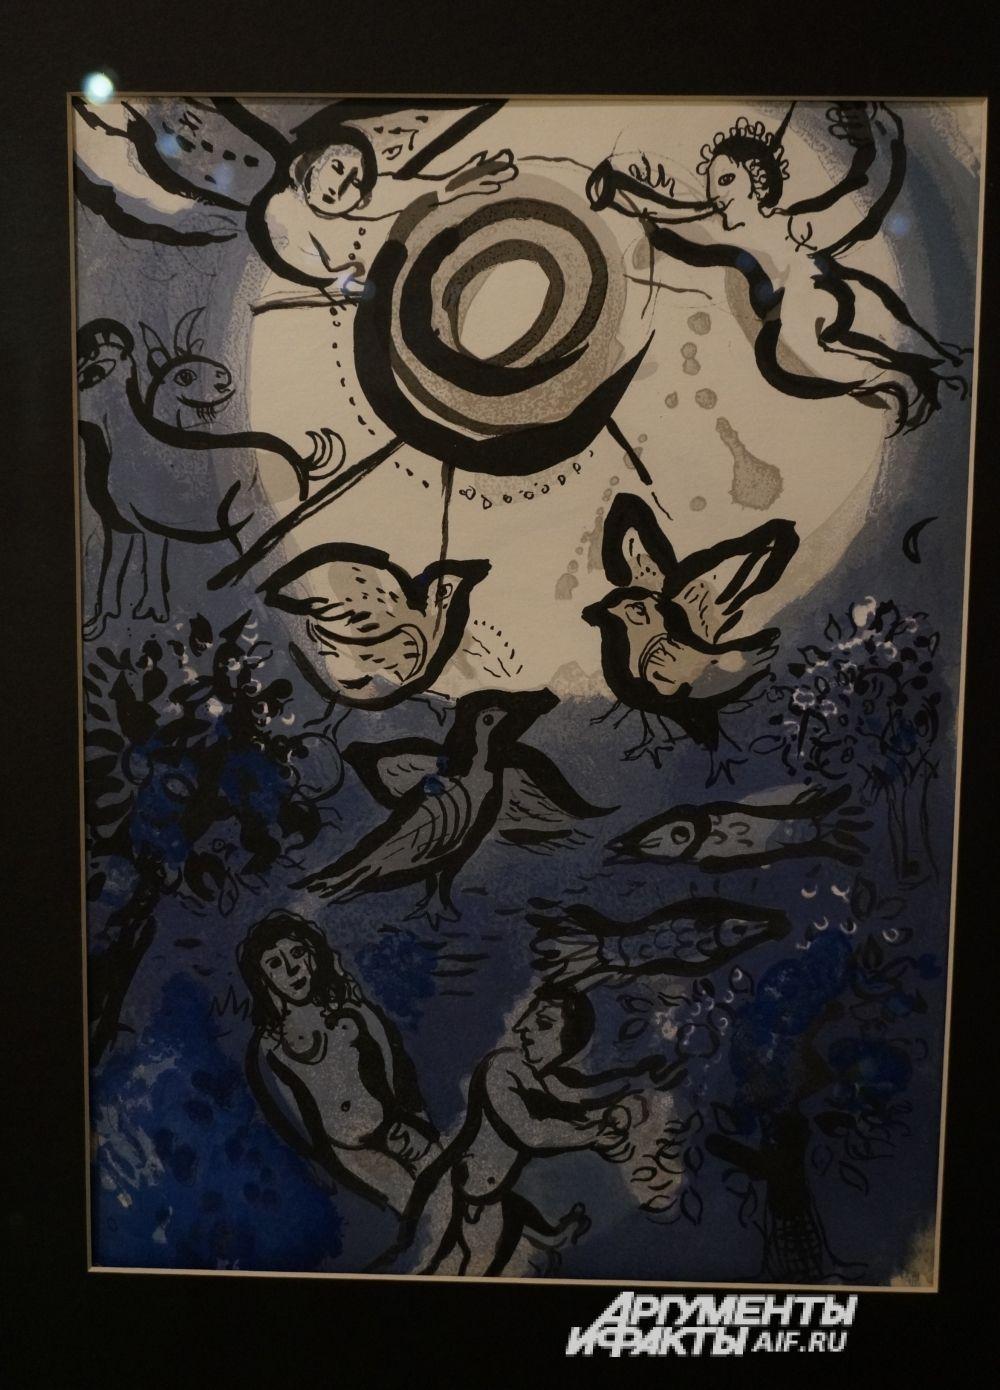 Выставку открывает сюжет из Ветхого Завета  - сотворение мира.